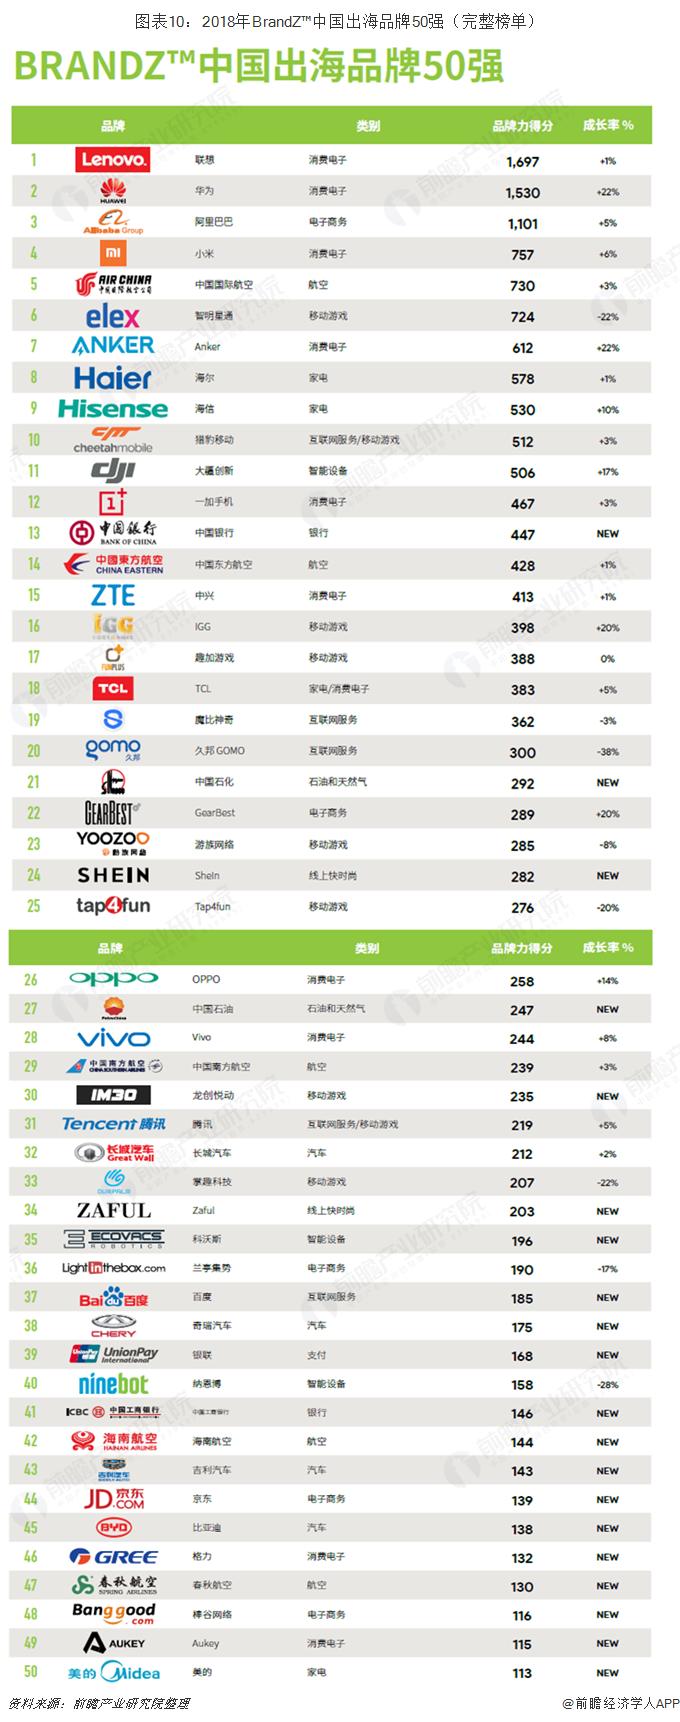 图表10:2018年BrandZ™中国出海品牌50强(完整榜单)